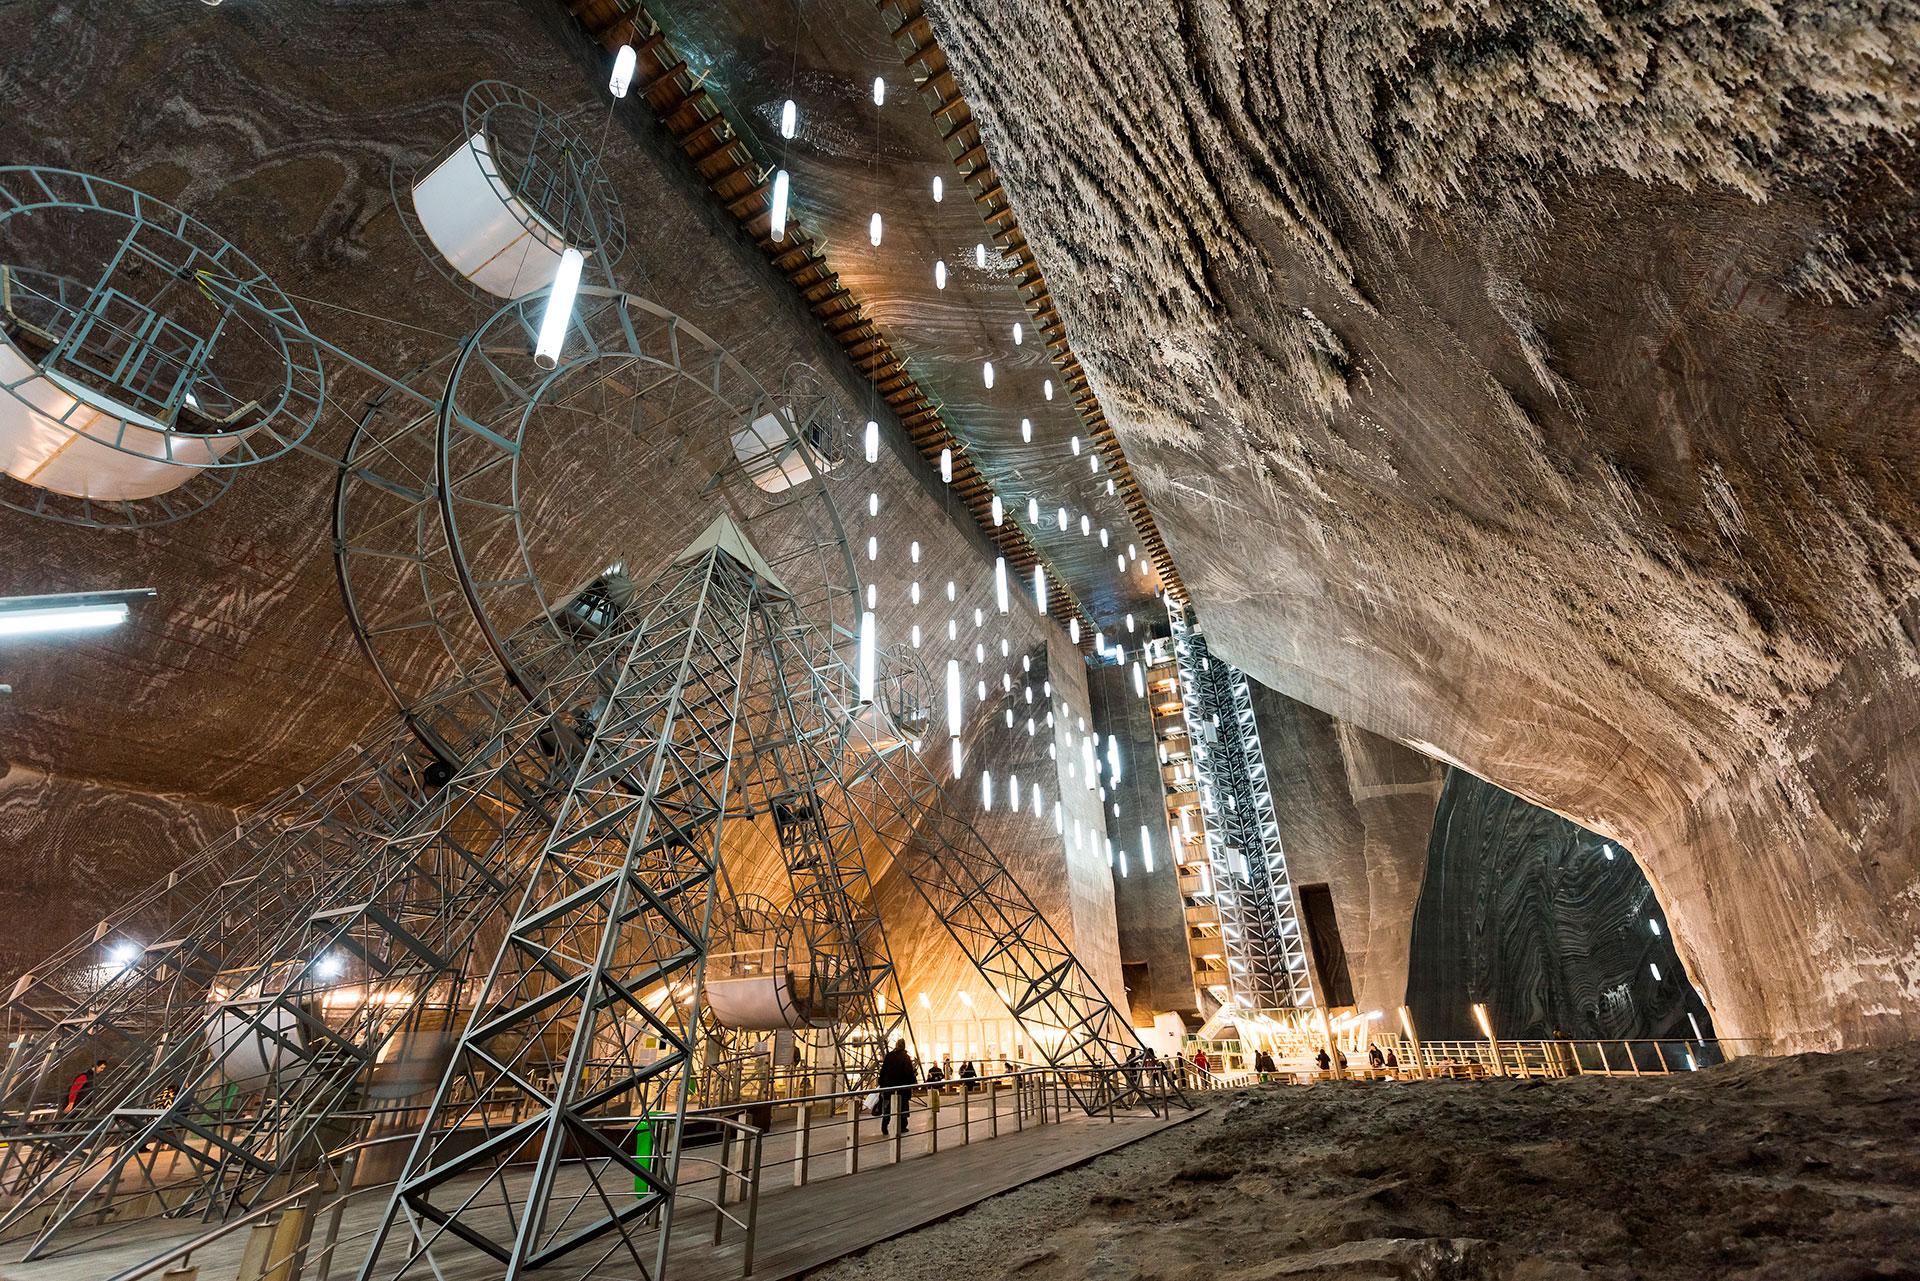 Las estalactitas cuelgan del techo de mármol, mientras que los viejos carros y sistemas de poleas recuerdan el admirable trabajo agotador de los mineros